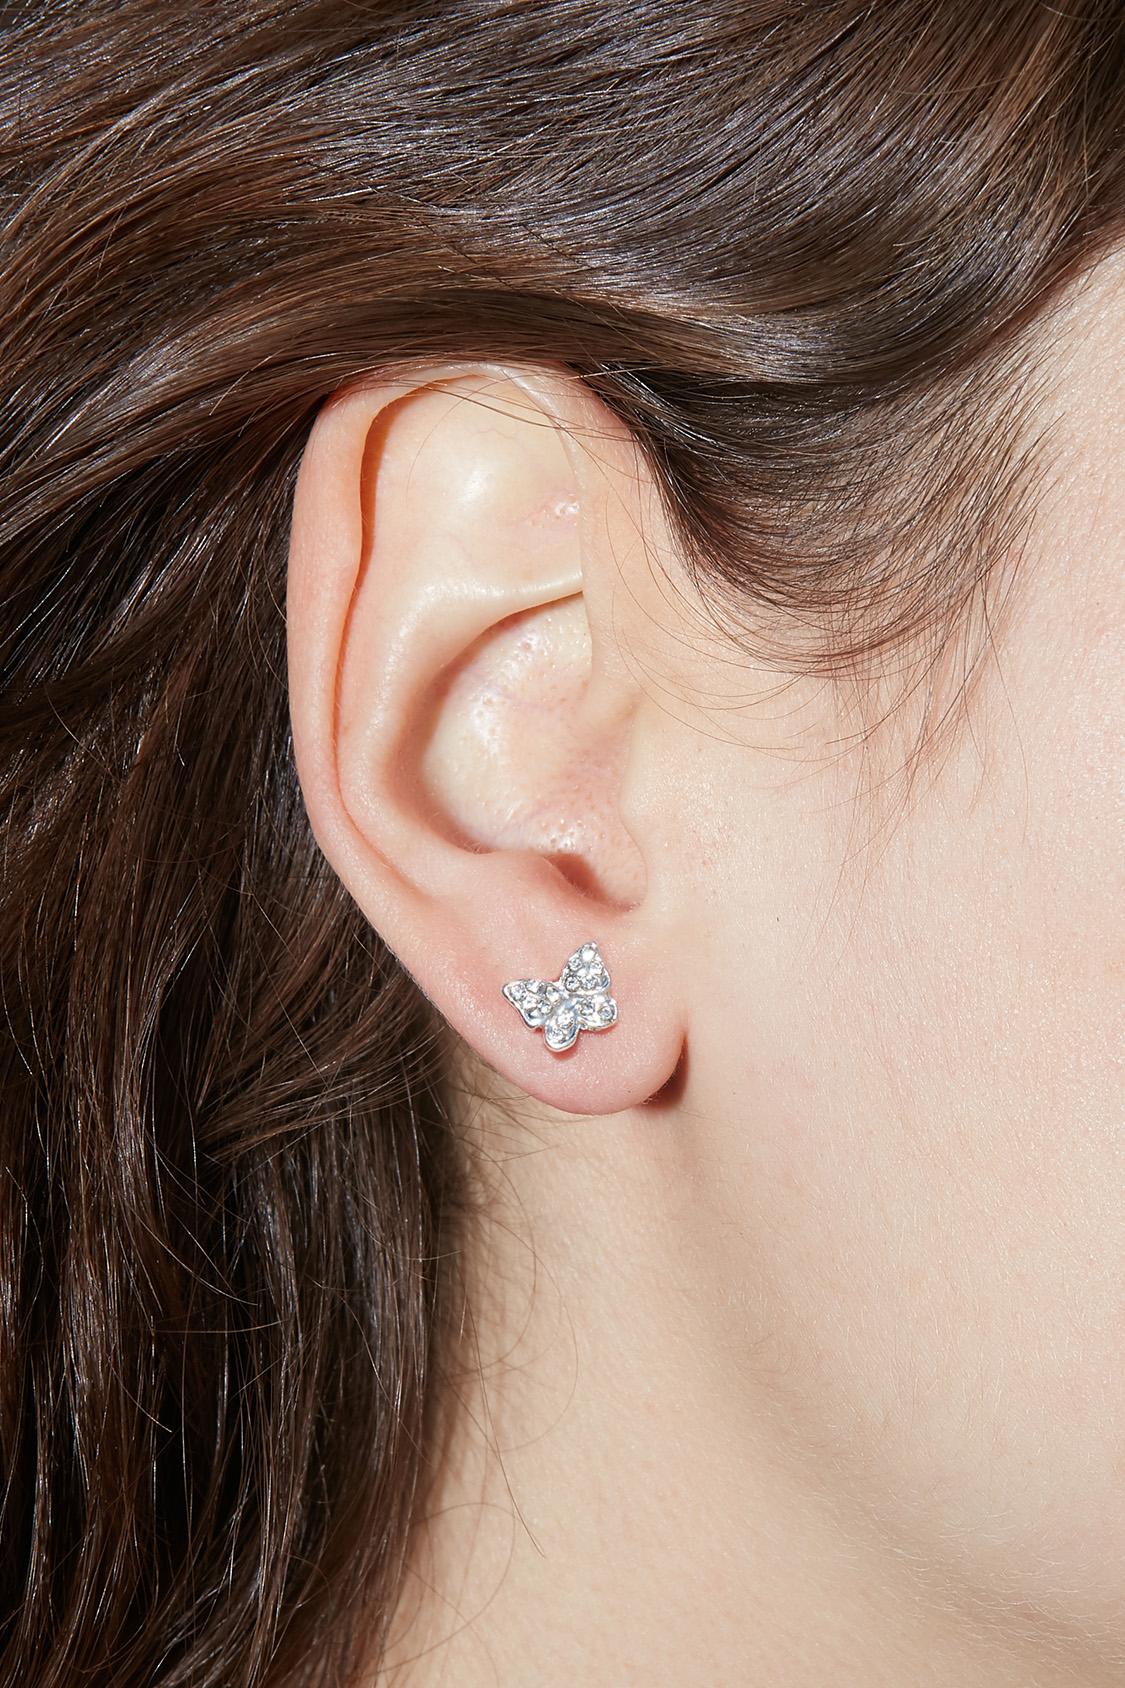 Shiny butterfly earrings